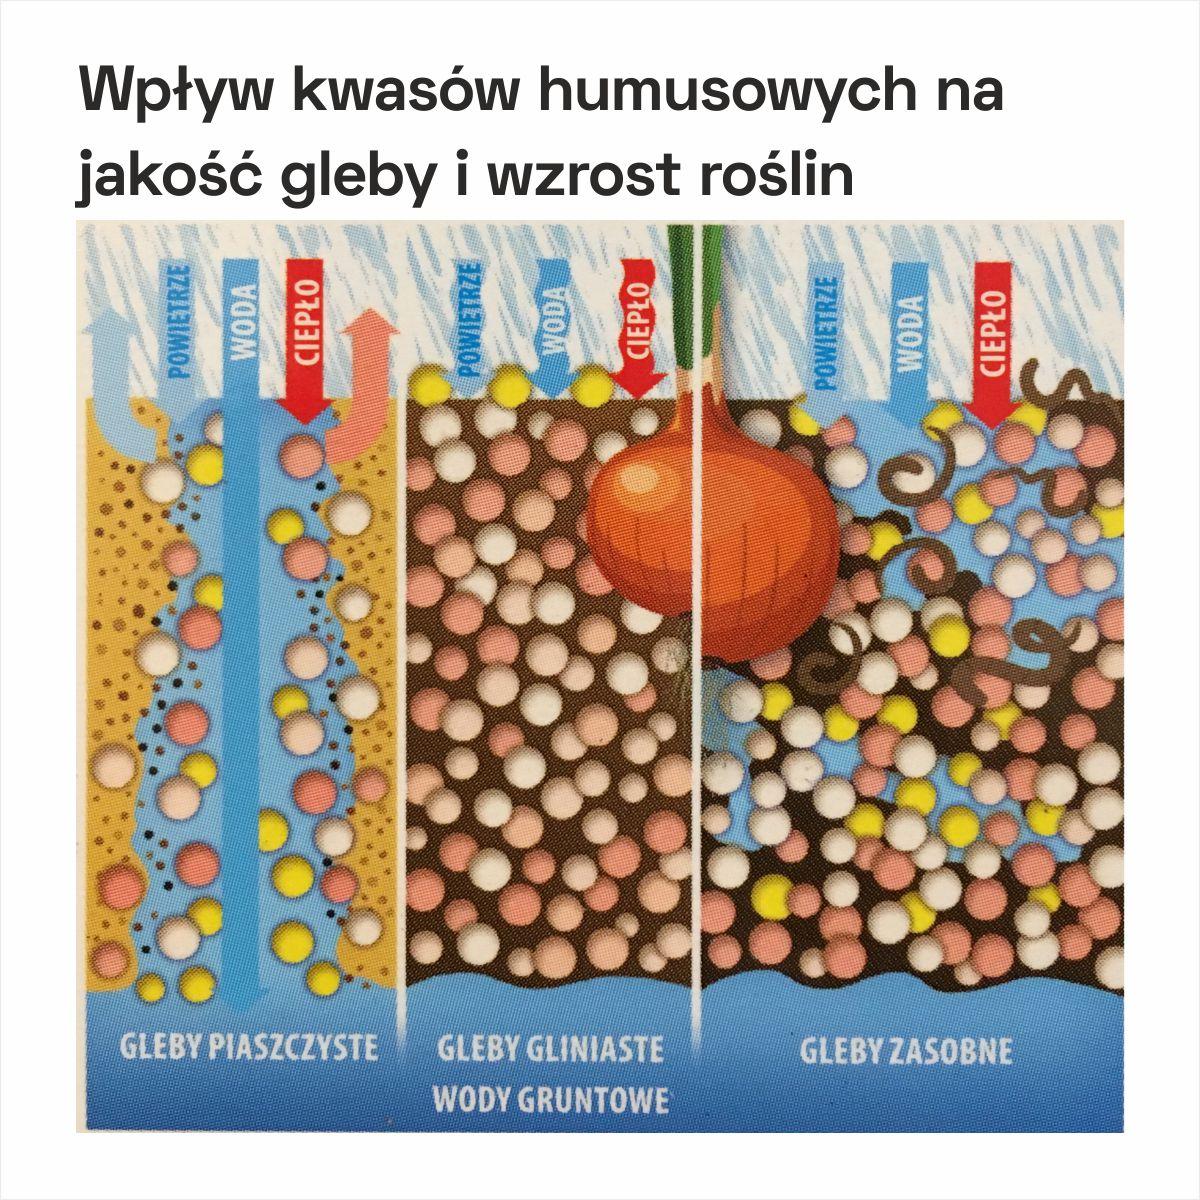 Wpływ kwasów humusowych na jakość gleby